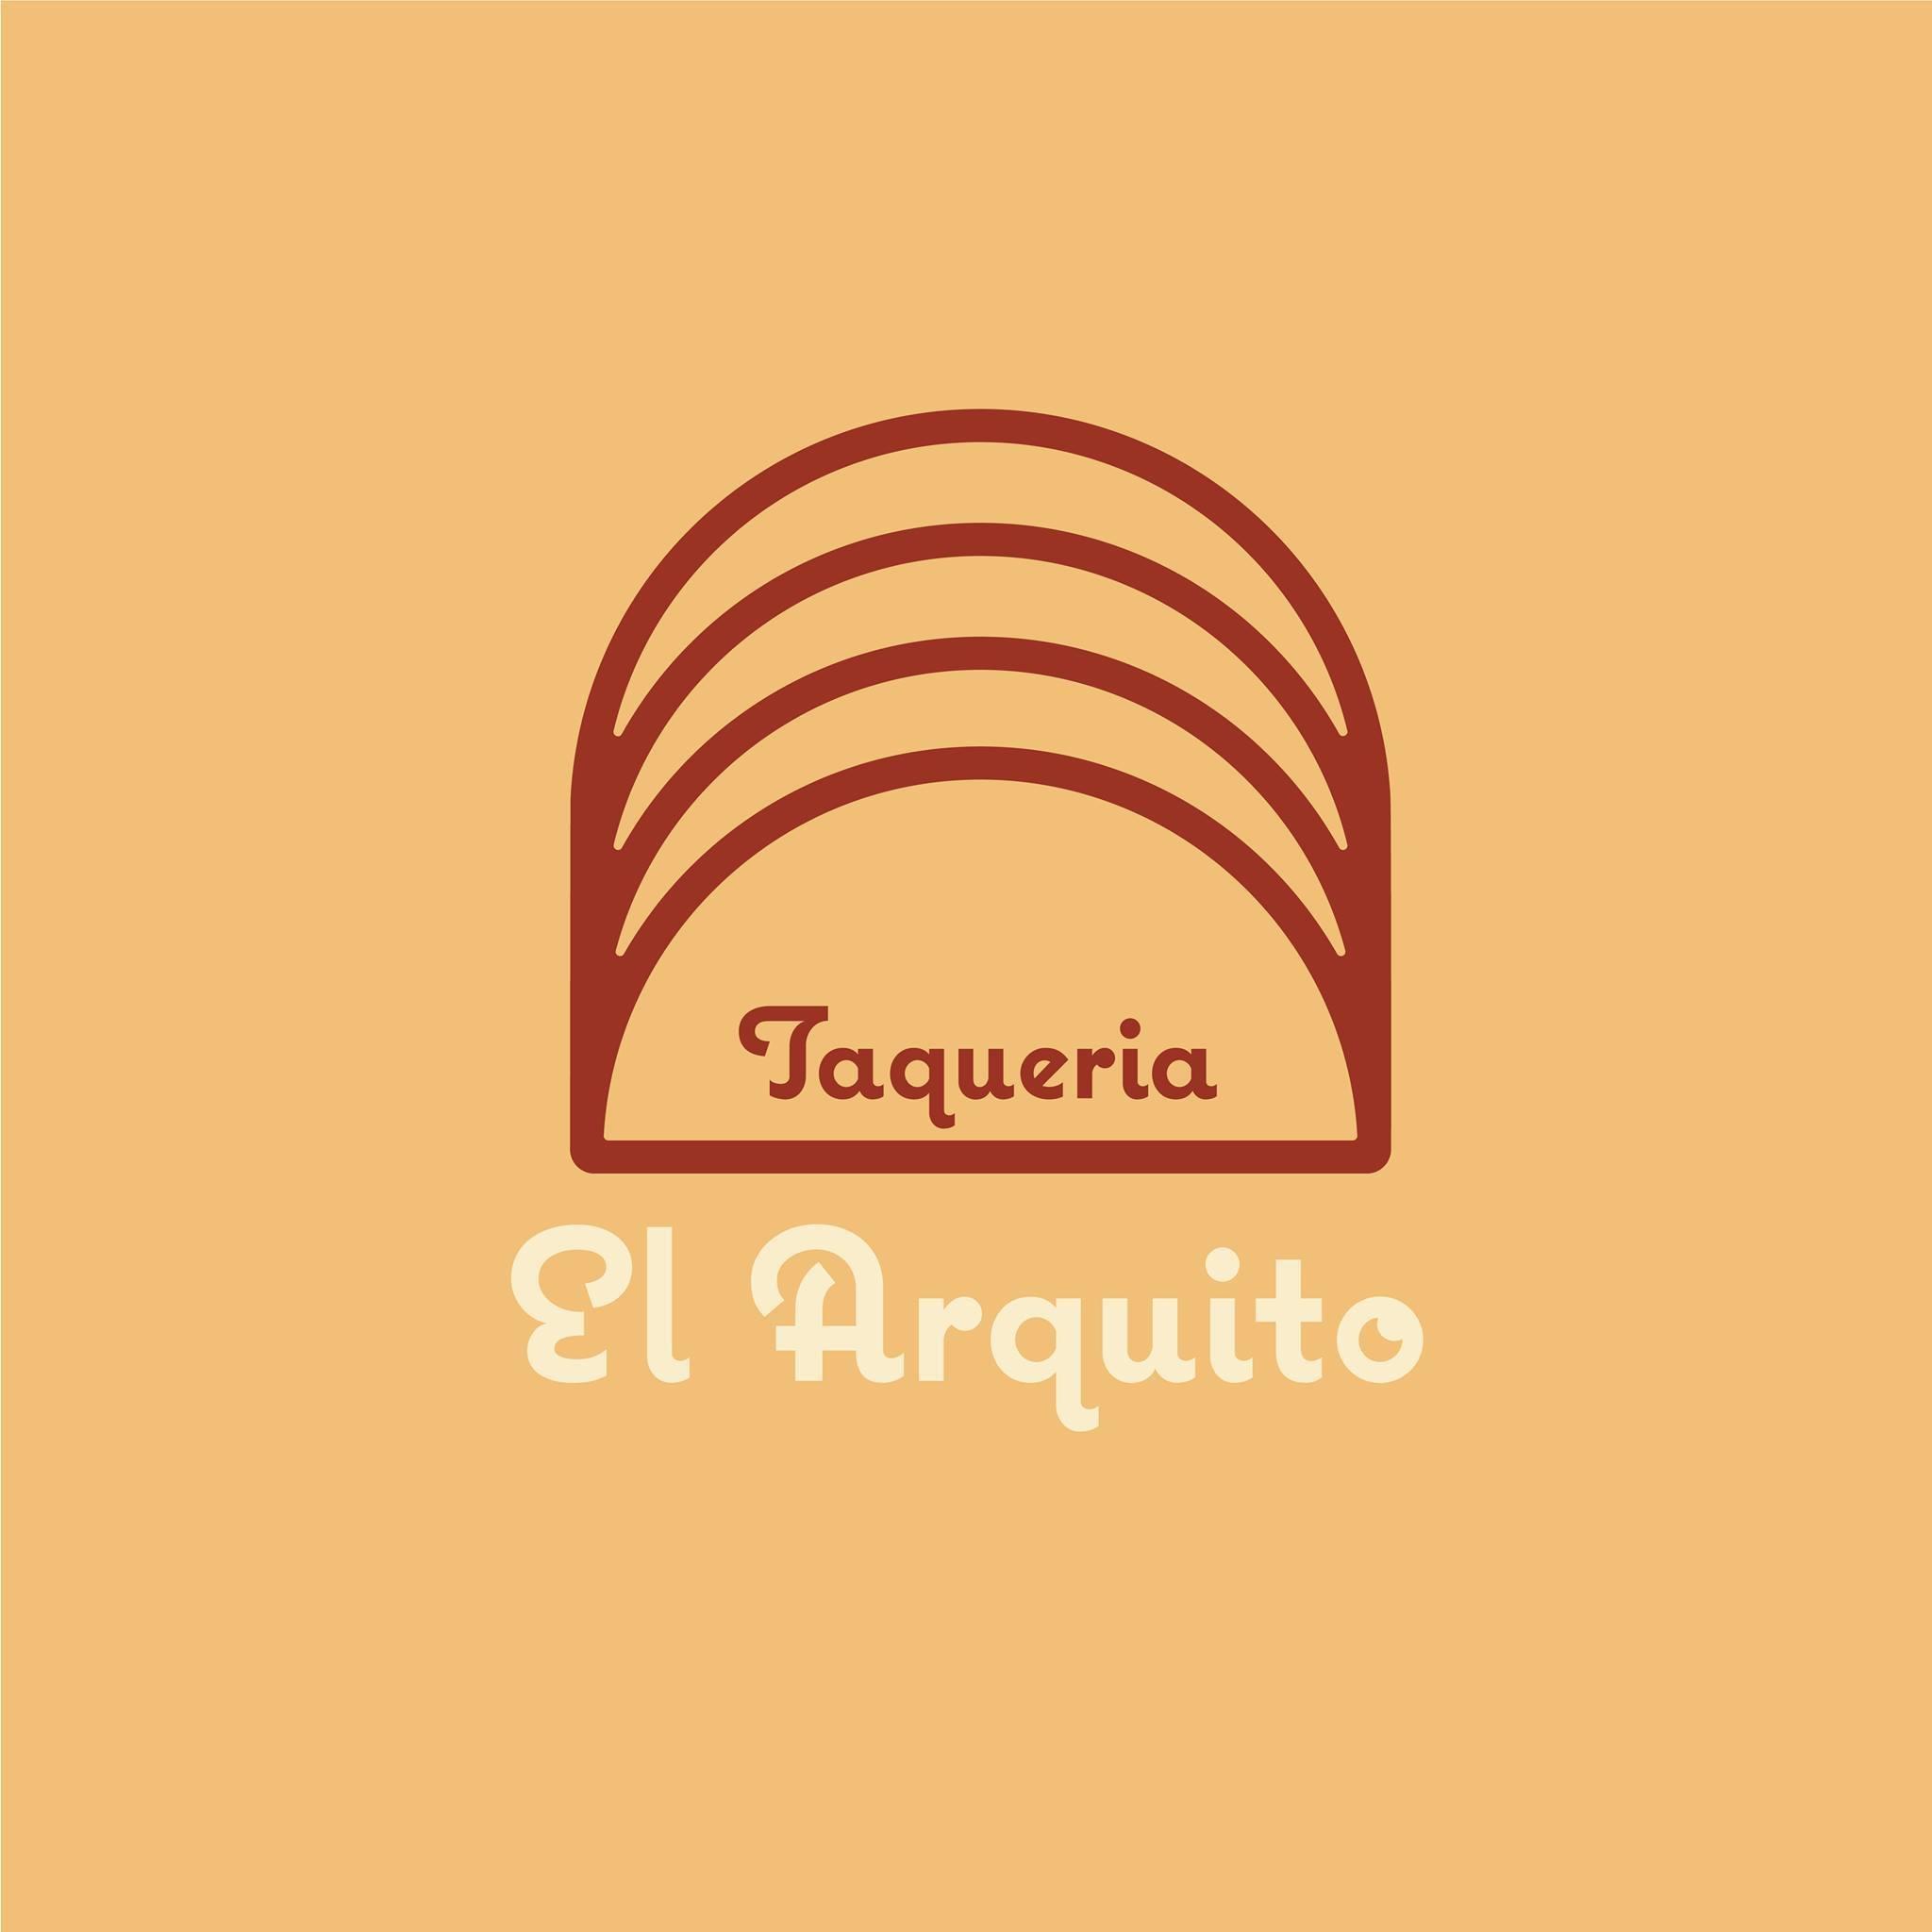 Taqueria el Arquito